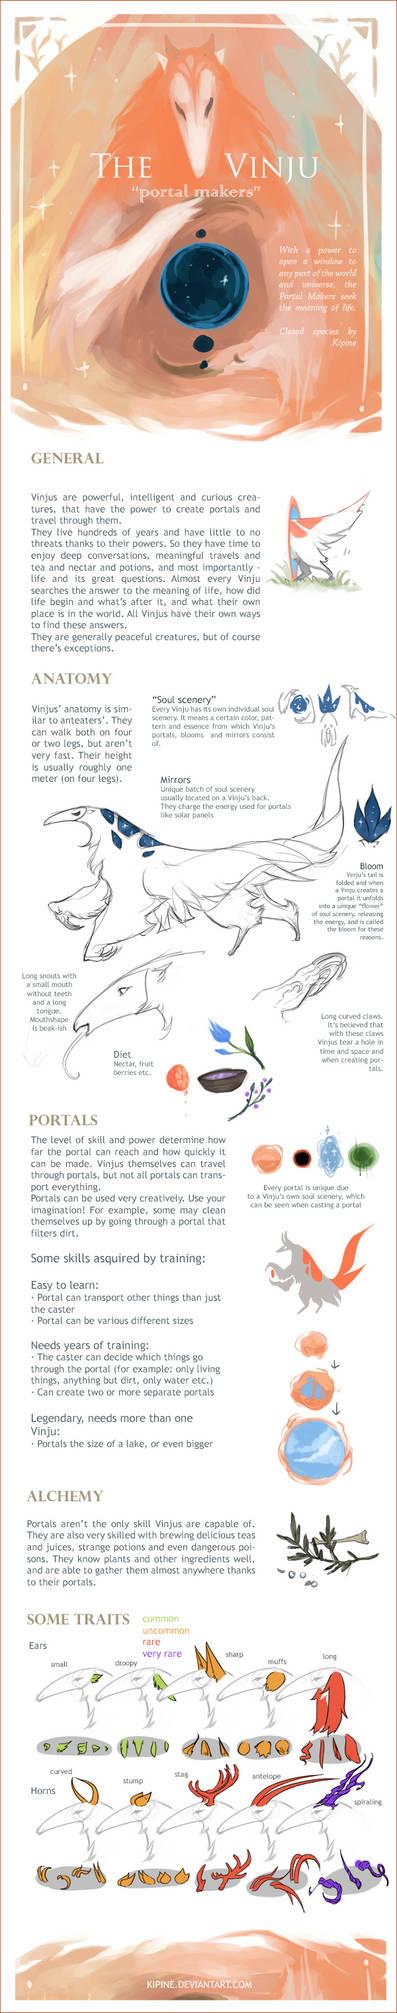 The Vinju - portal makers (closed species)